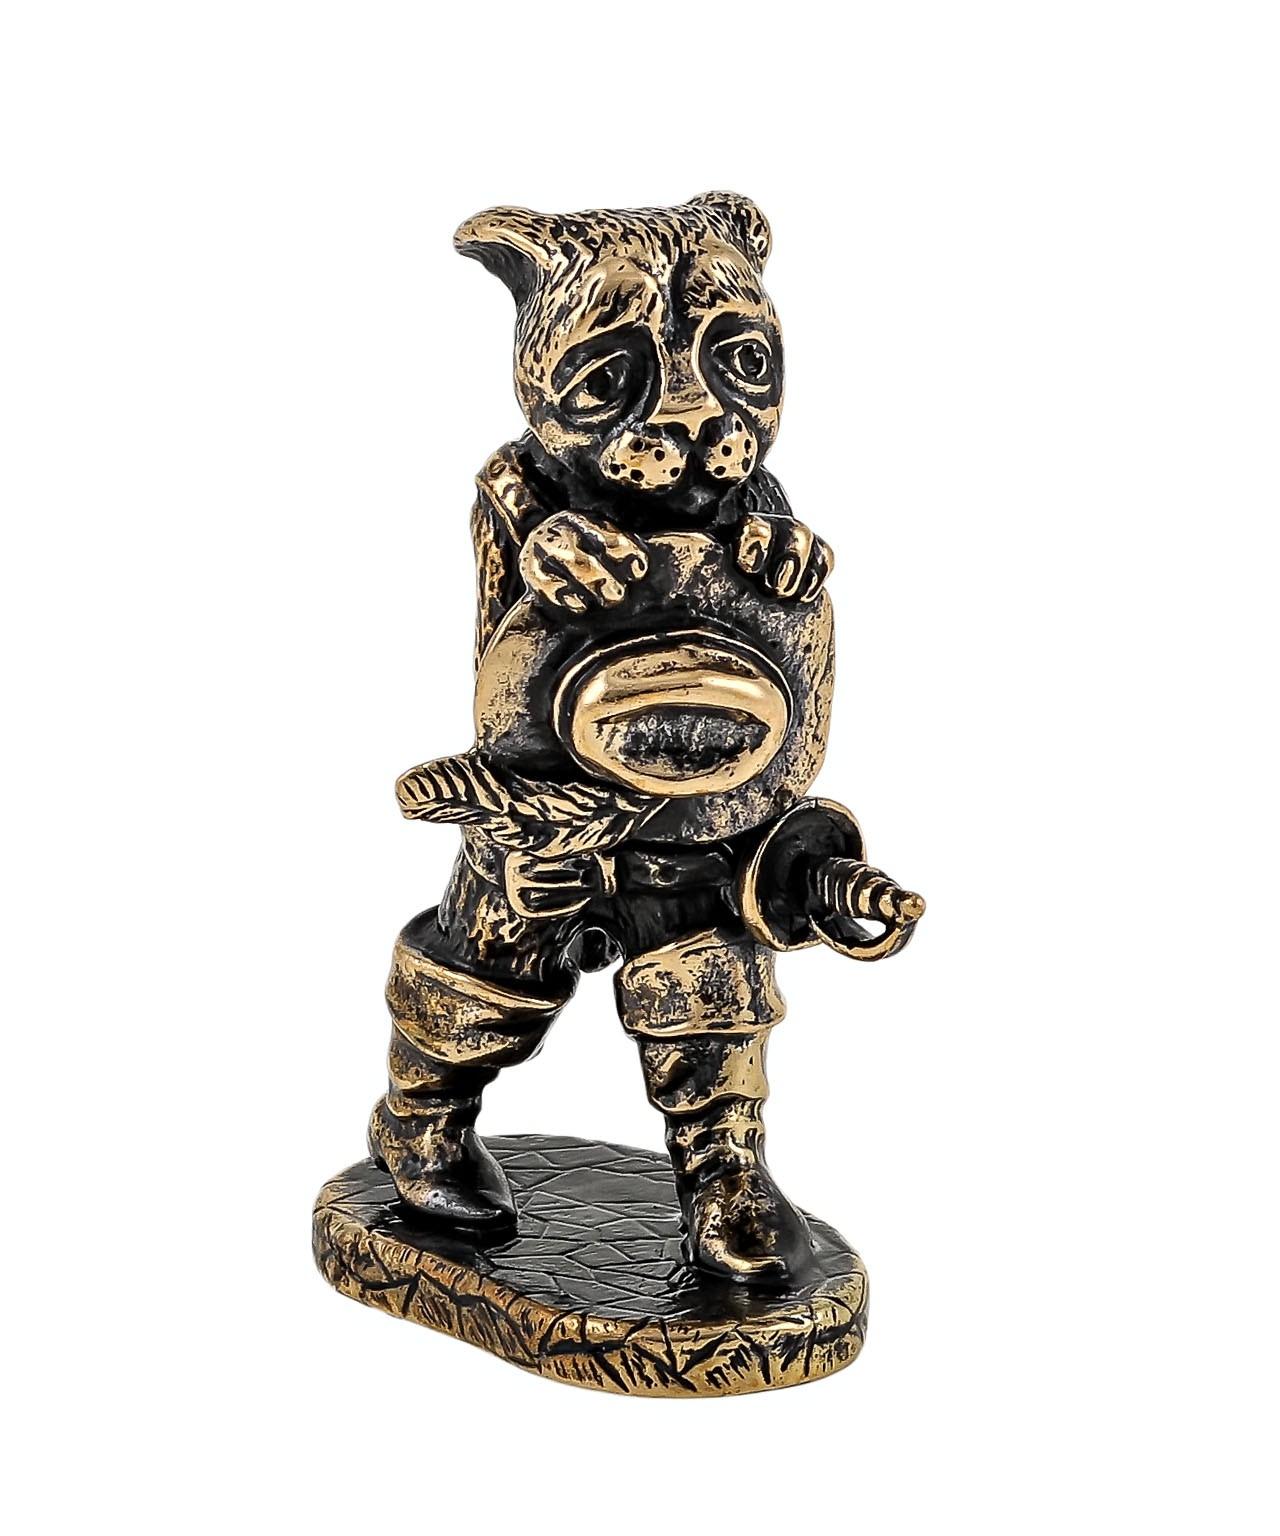 Кот В сапогах без подставки 1651.1